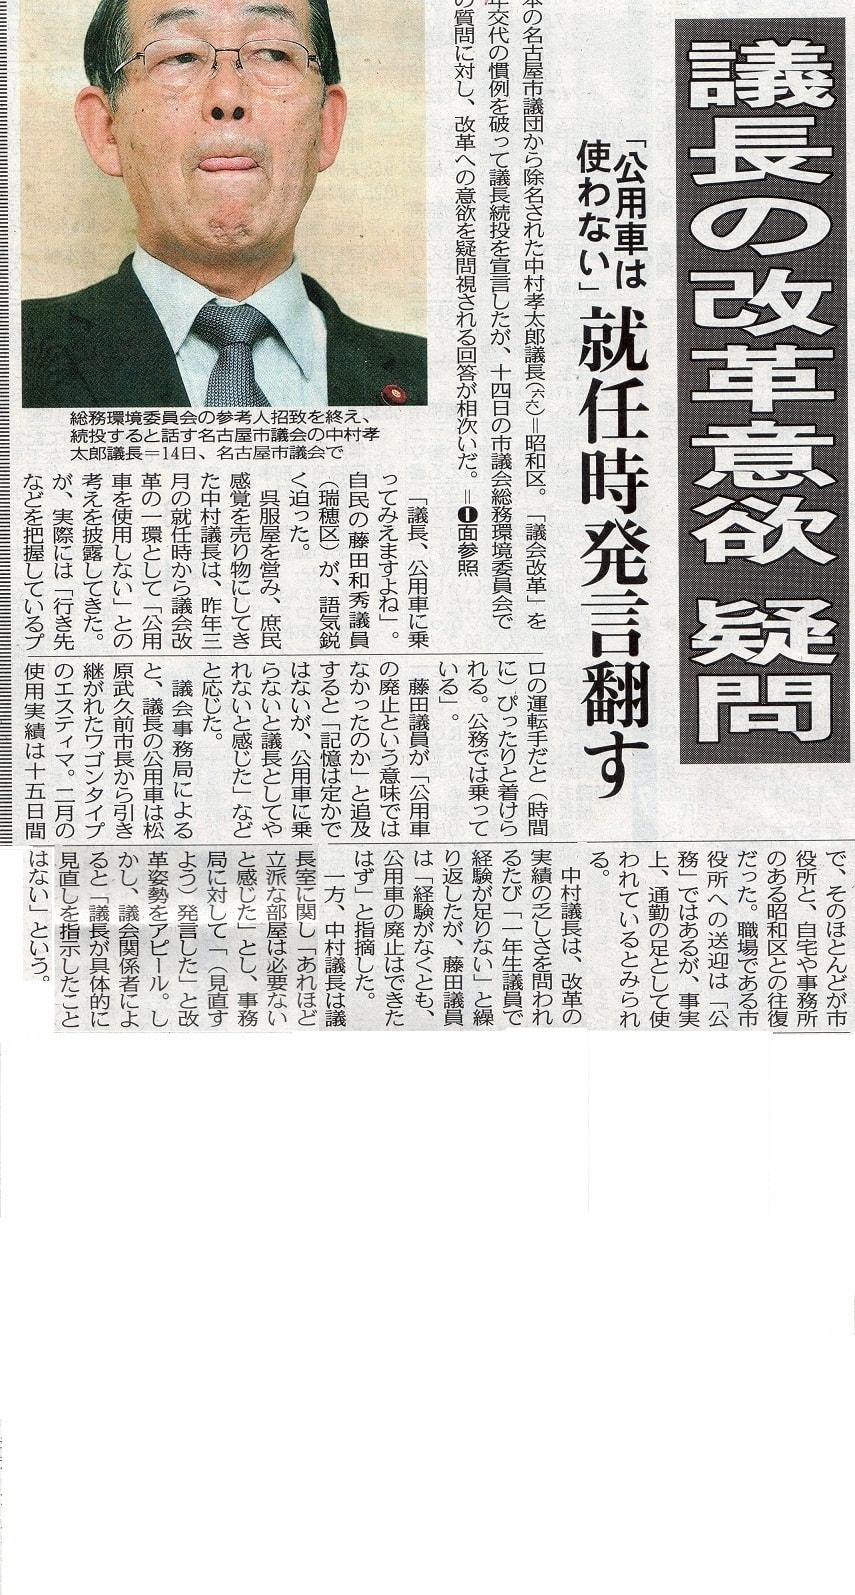 詐欺師、減税日本の名古屋市議会議長「中村孝太郎」 - 団塊太郎の徒然草